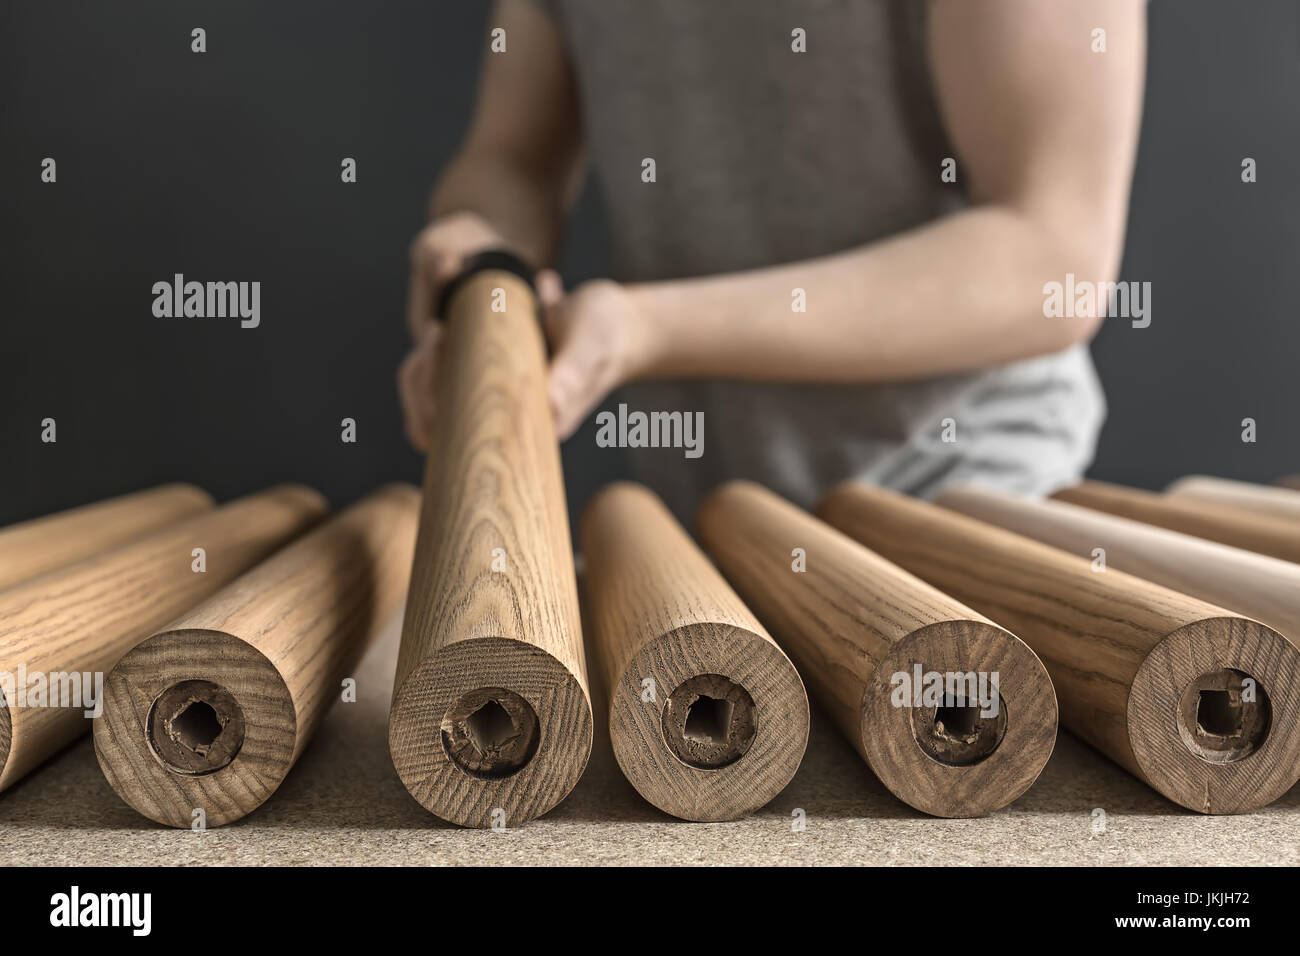 Man taking wooden billet - Stock Image